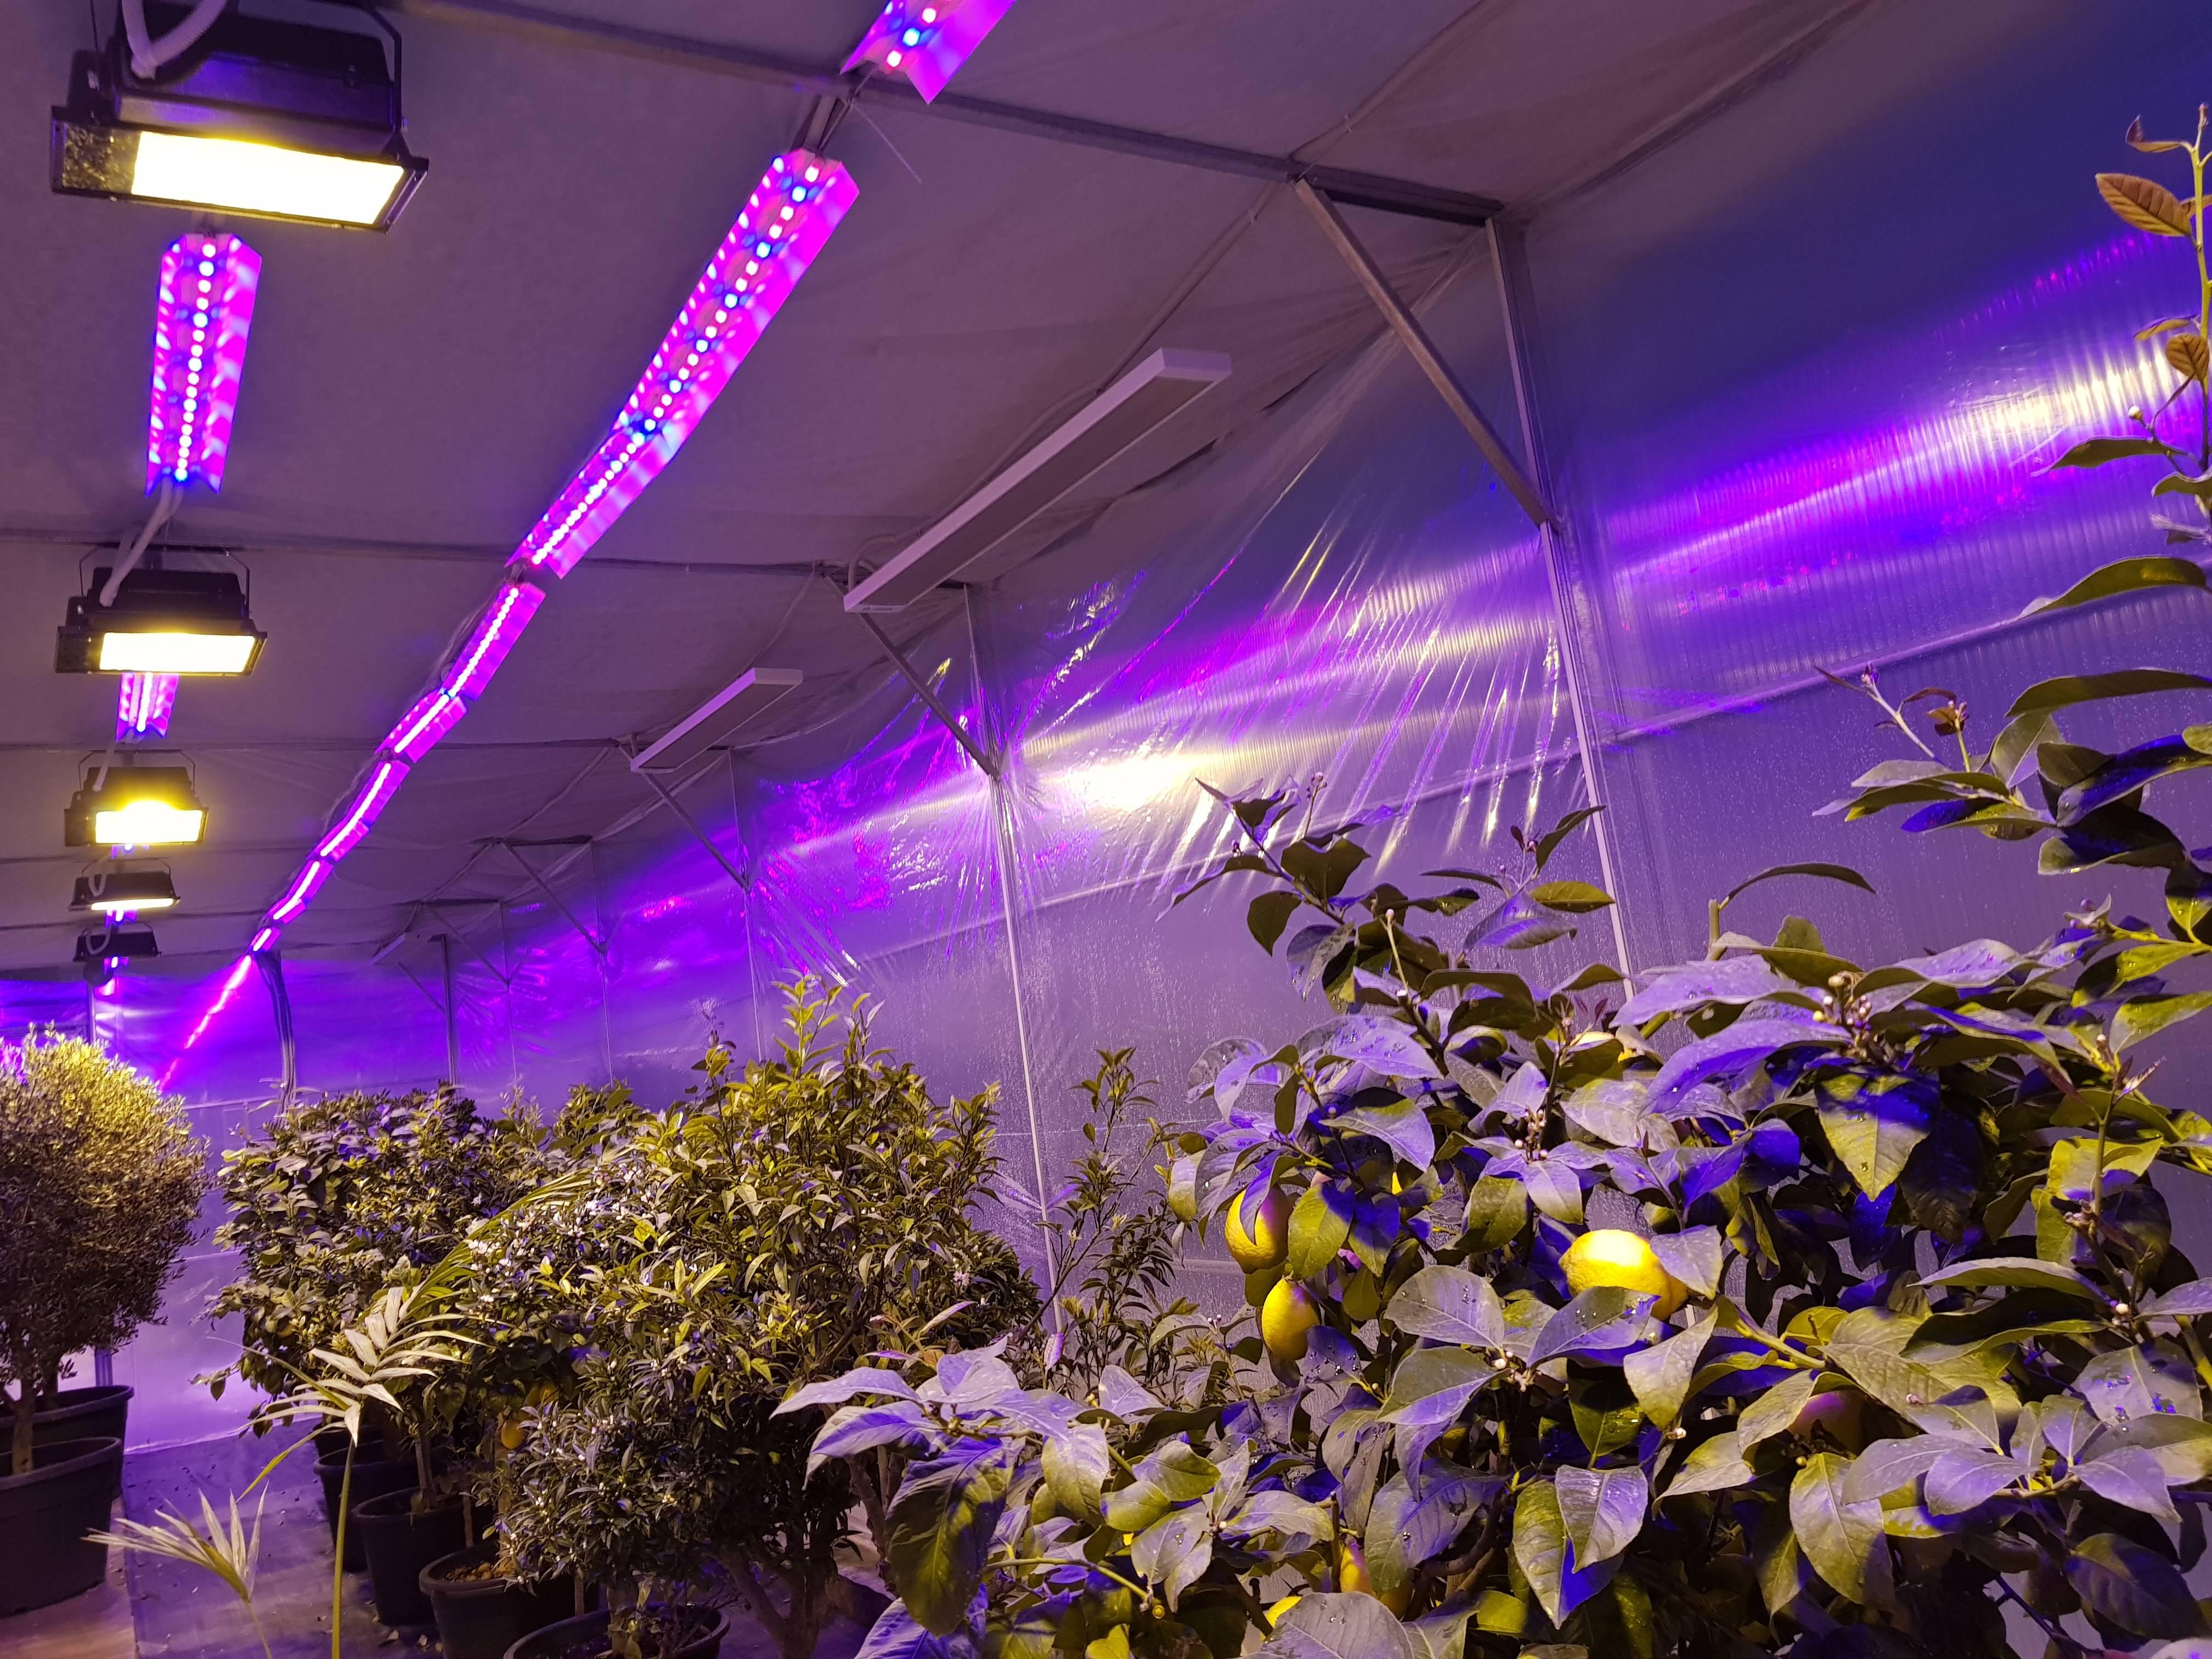 Освещение теплицы светодиодными лампами: расчет мощности лед светильников